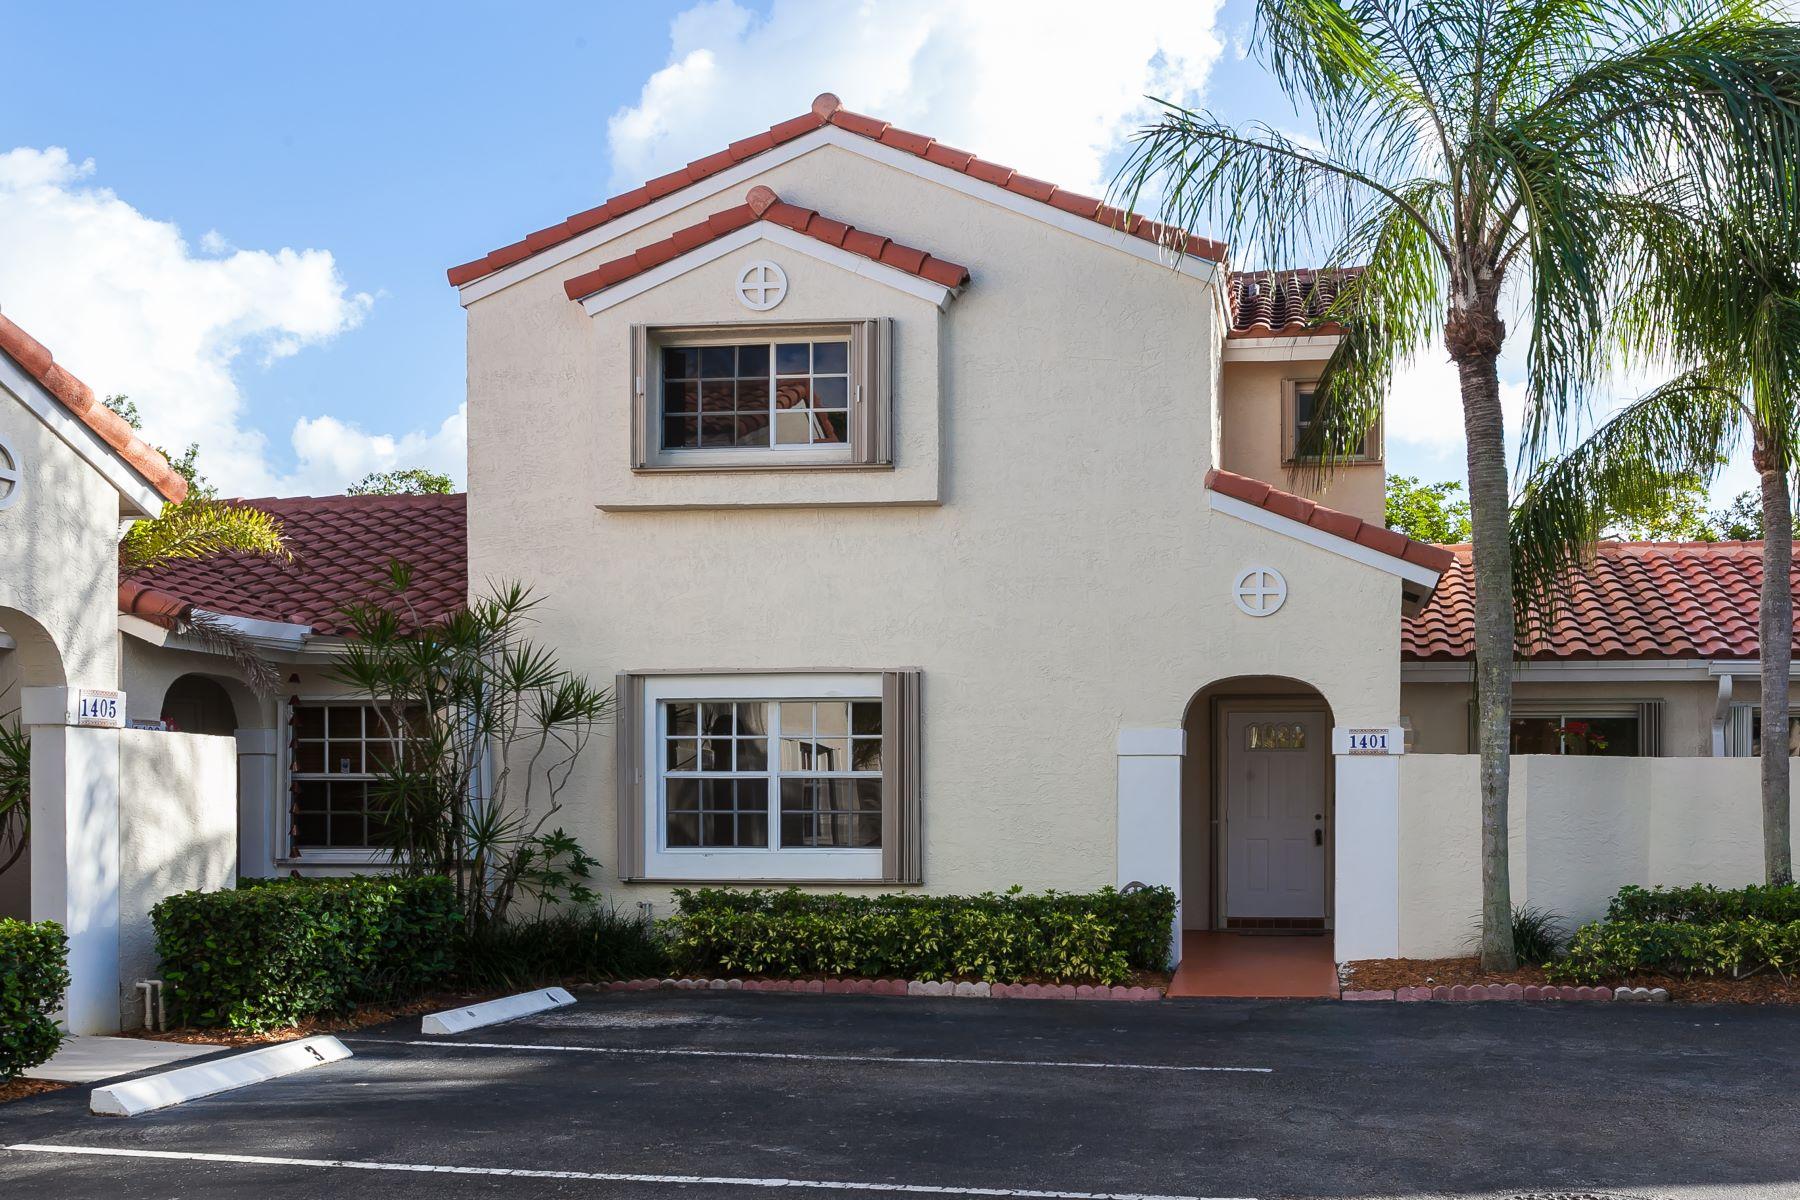 Casa unifamiliar adosada (Townhouse) por un Alquiler en 1401 Springside Dr 1401 Springside Dr 1401, Weston, Florida, 33326 Estados Unidos